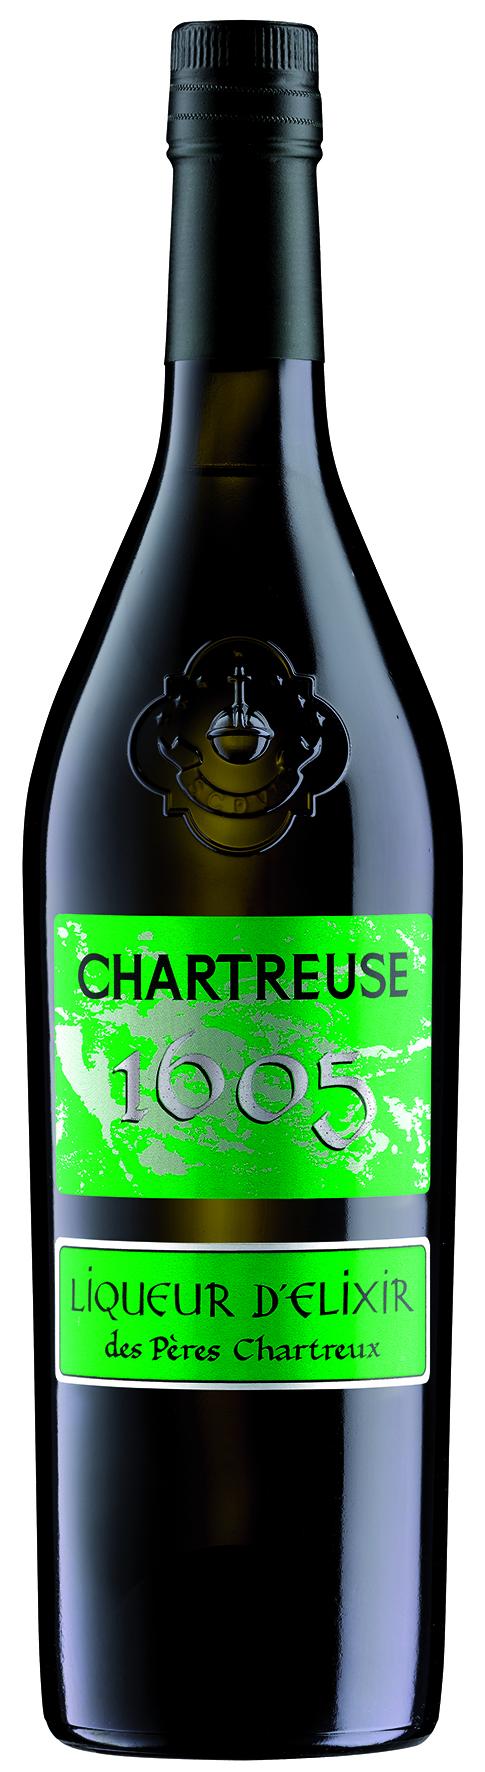 Chartreuse feiert den Chartreuse Day und seine neue Destillerie